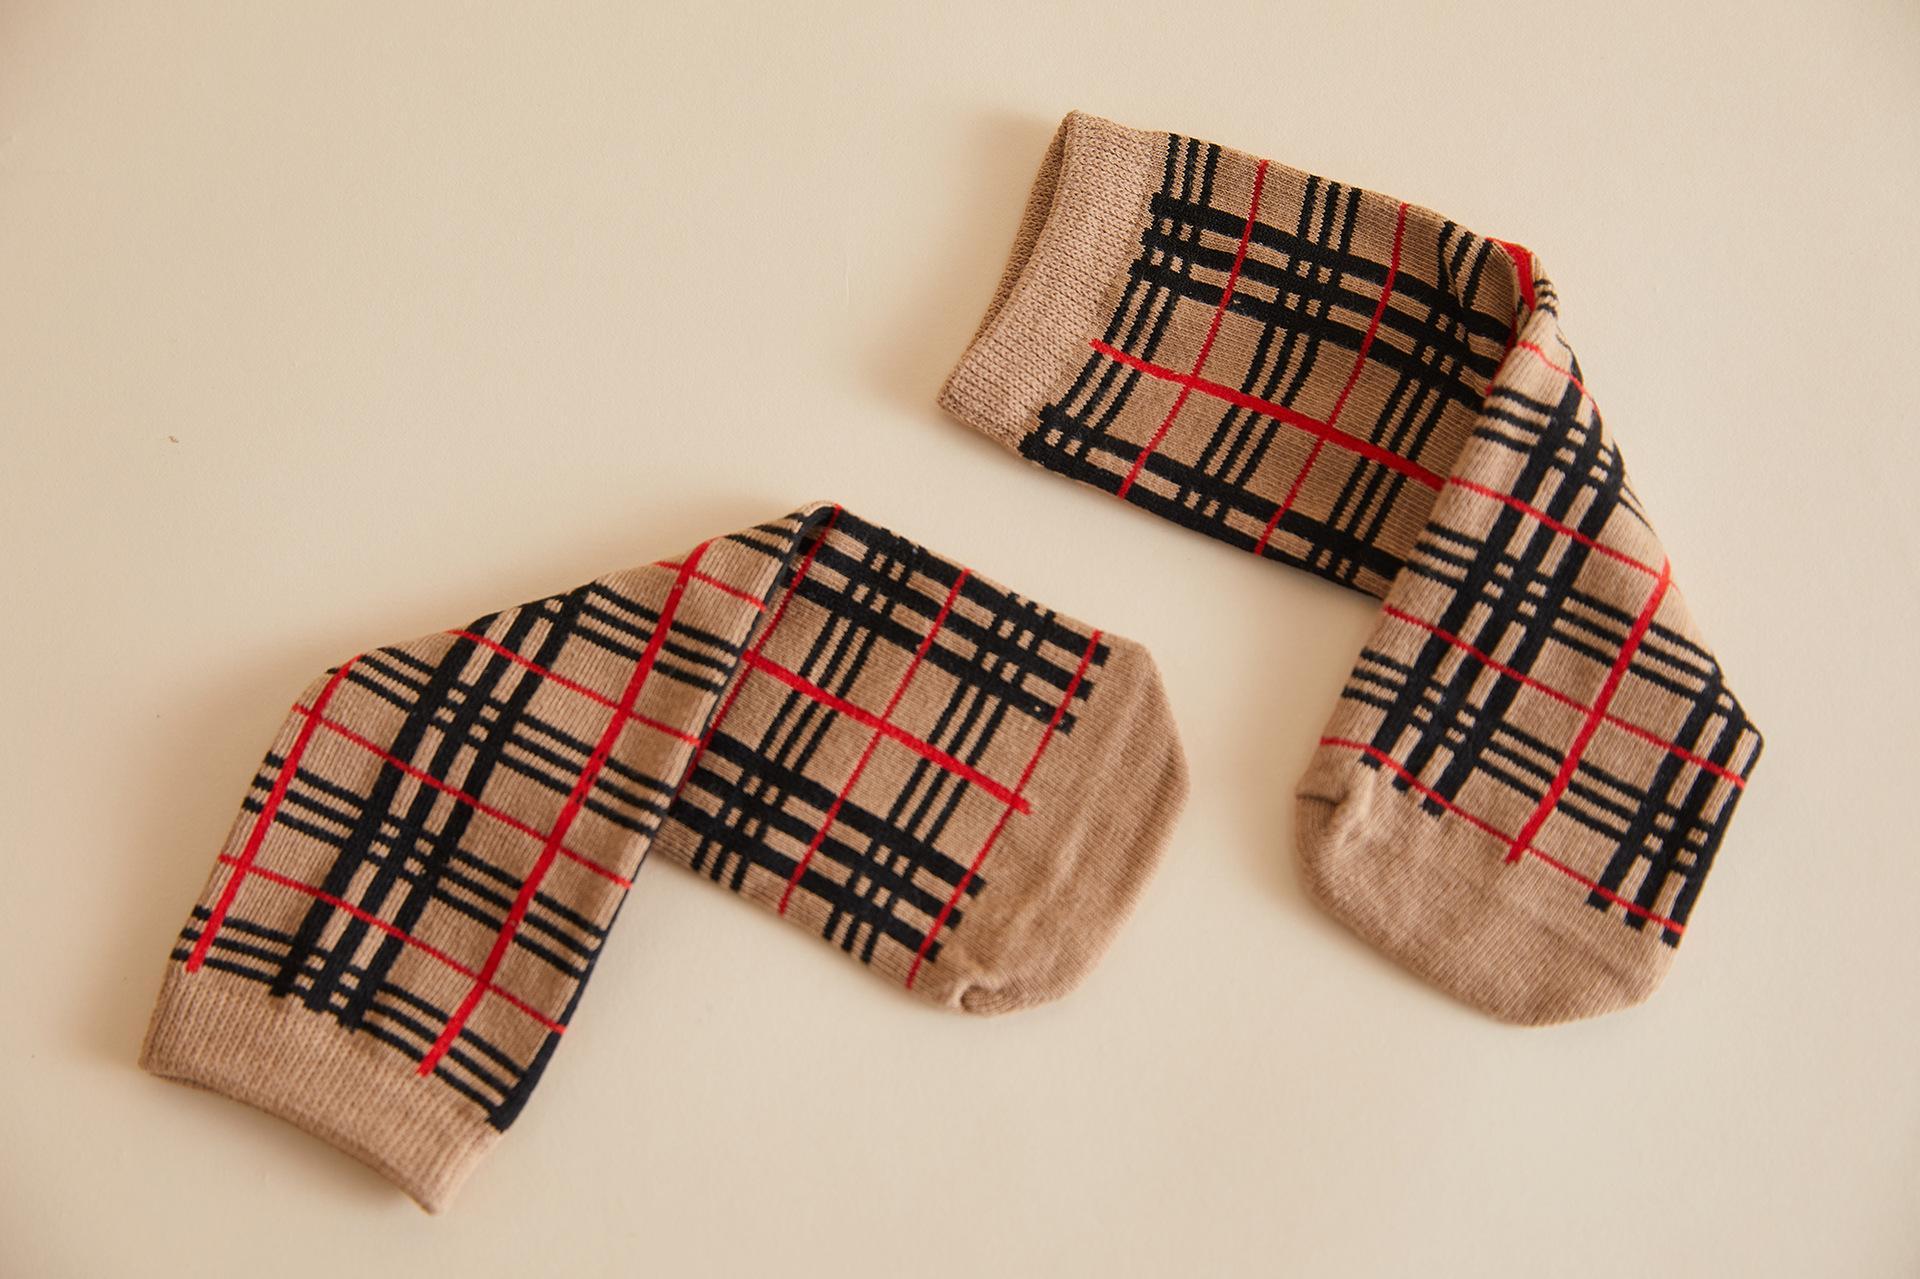 2019 новые зимние детские носки Японский институт ветра клетчатые полосатые чулки детские носки детские высокие носки